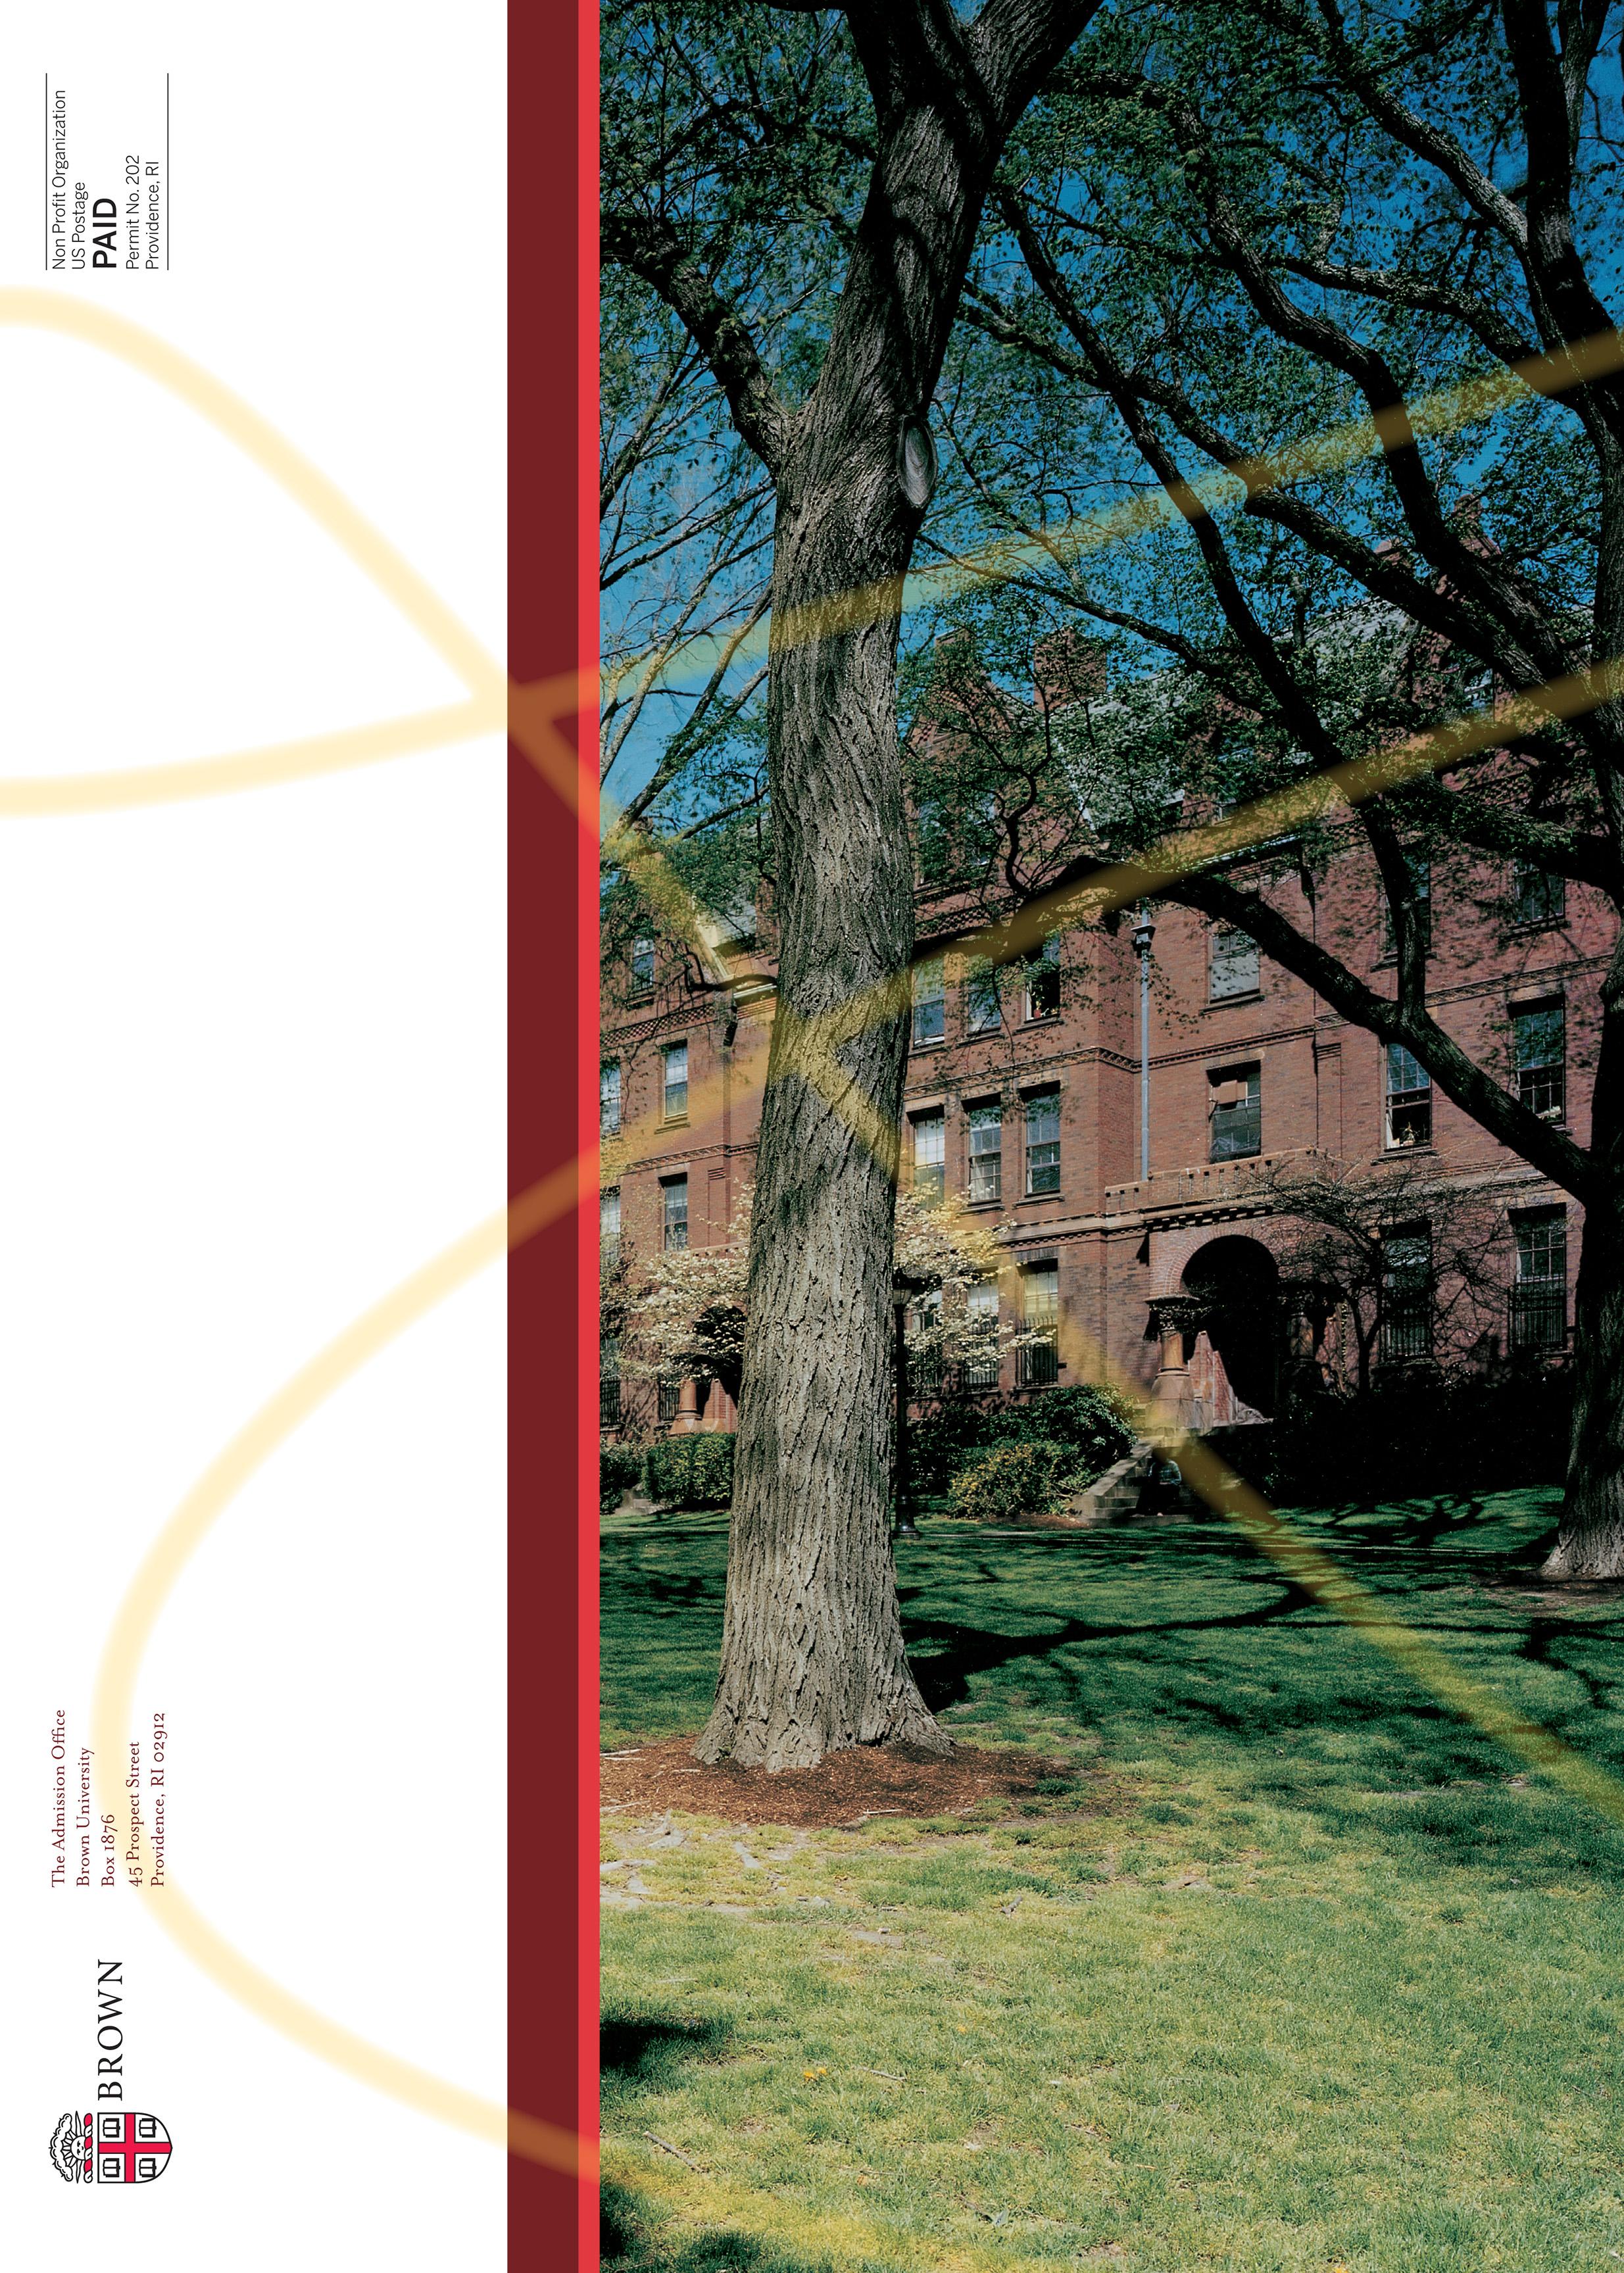 32-brown-vbk-back-cover-1lrgmed.jpg